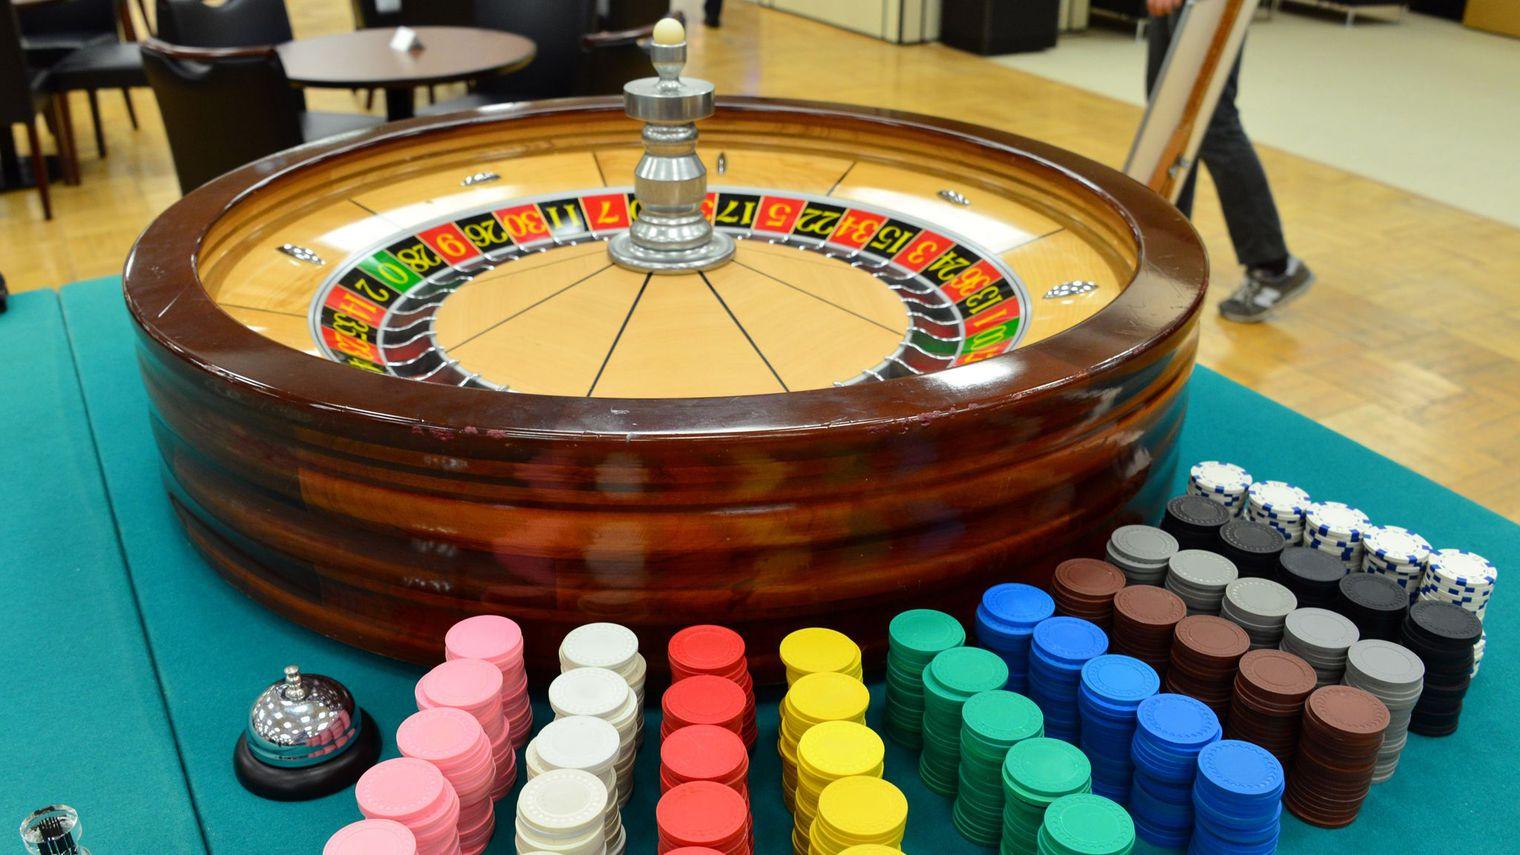 Des jeux casino personnalisés au goût des joueurs